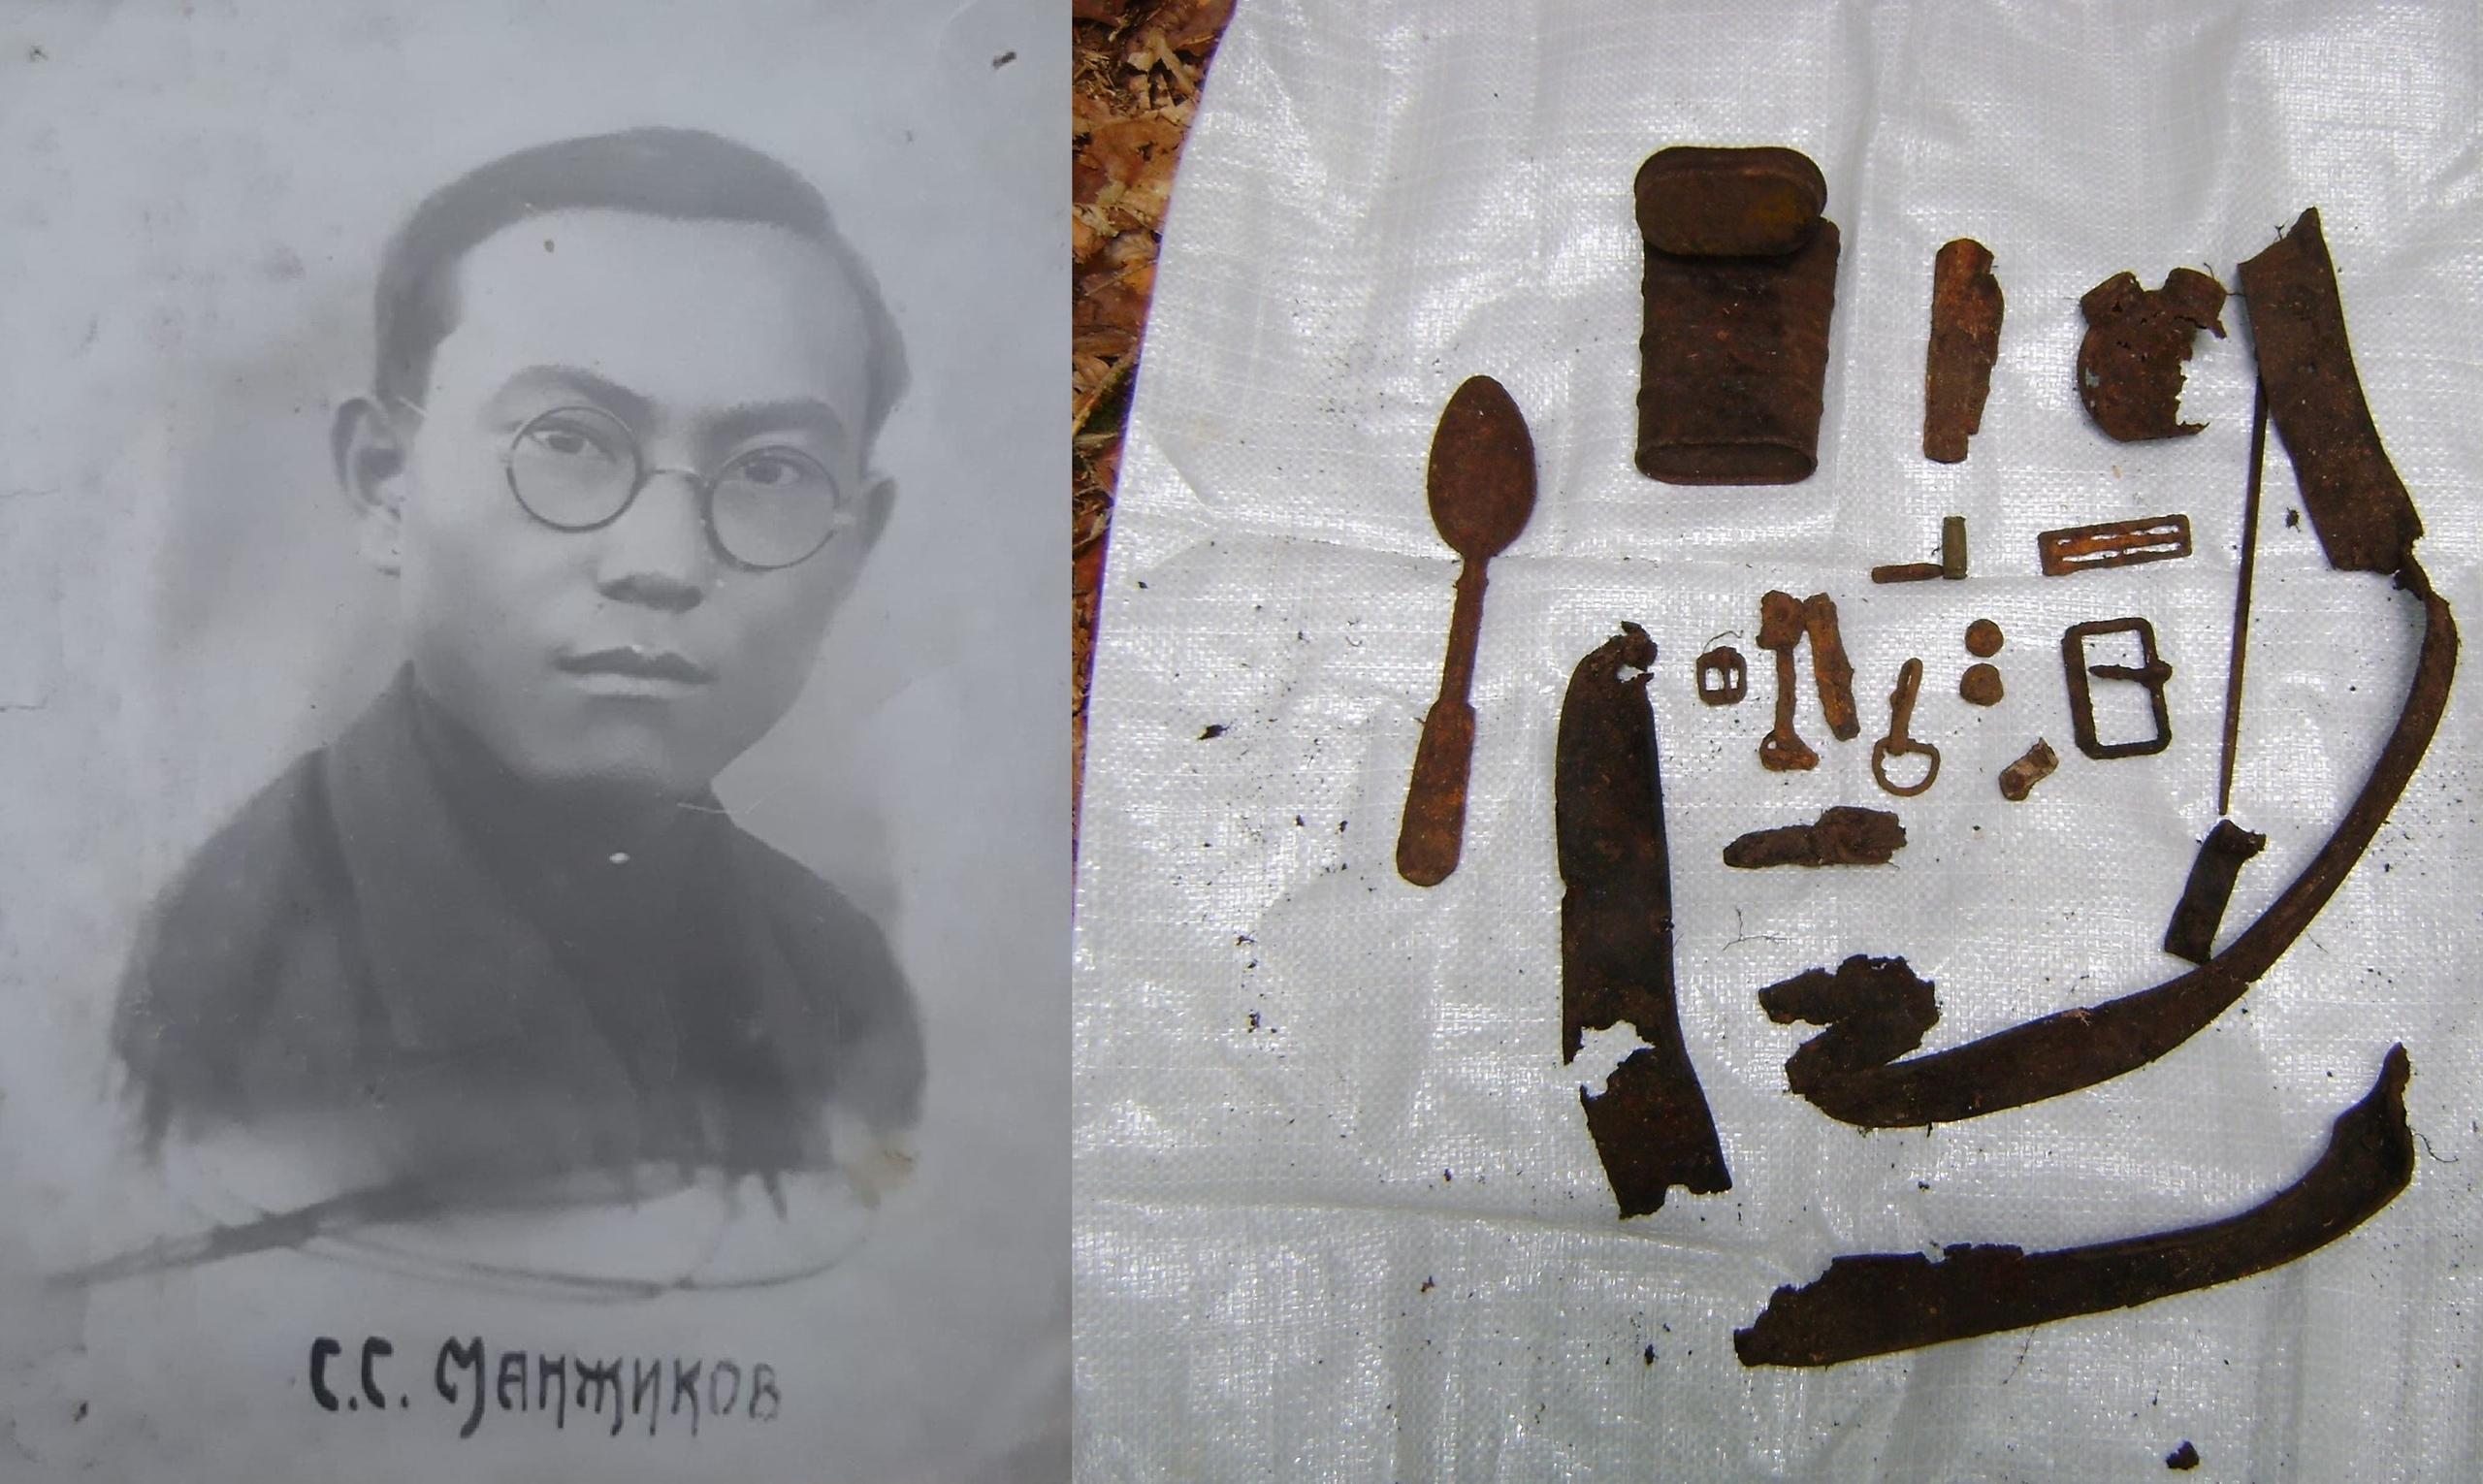 В КЧР поисковики обнаружили останки воина РККА погибшего в боях за освобождение Кавказа